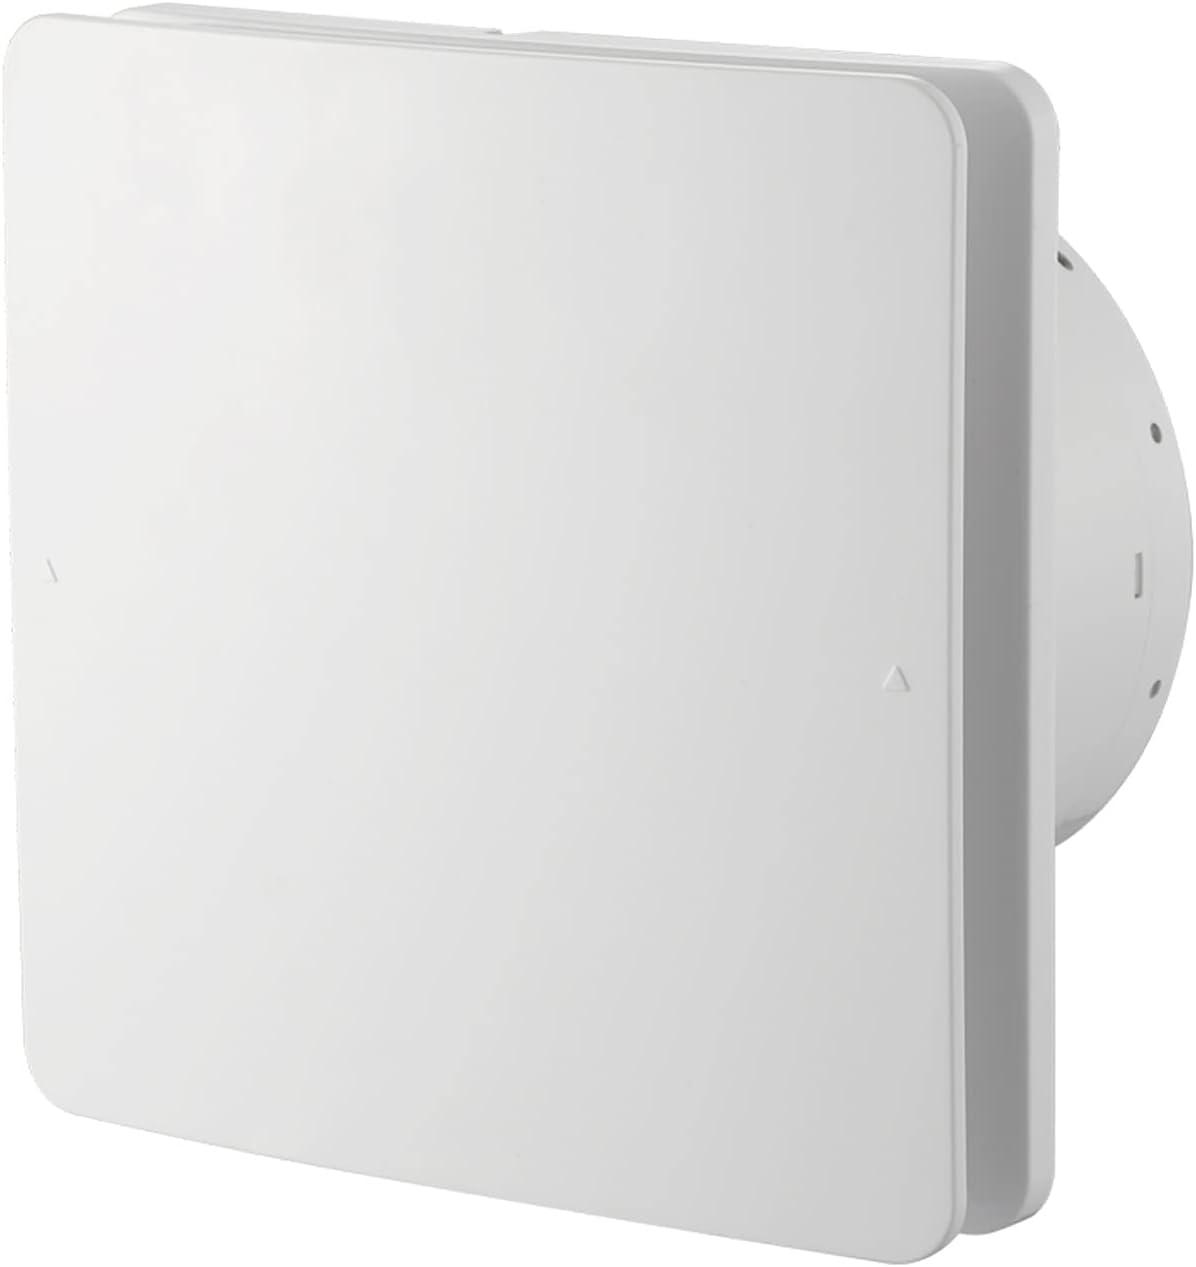 Ventilador Extractor Ventilador del baño del hogar Ventilador de ventilación 6